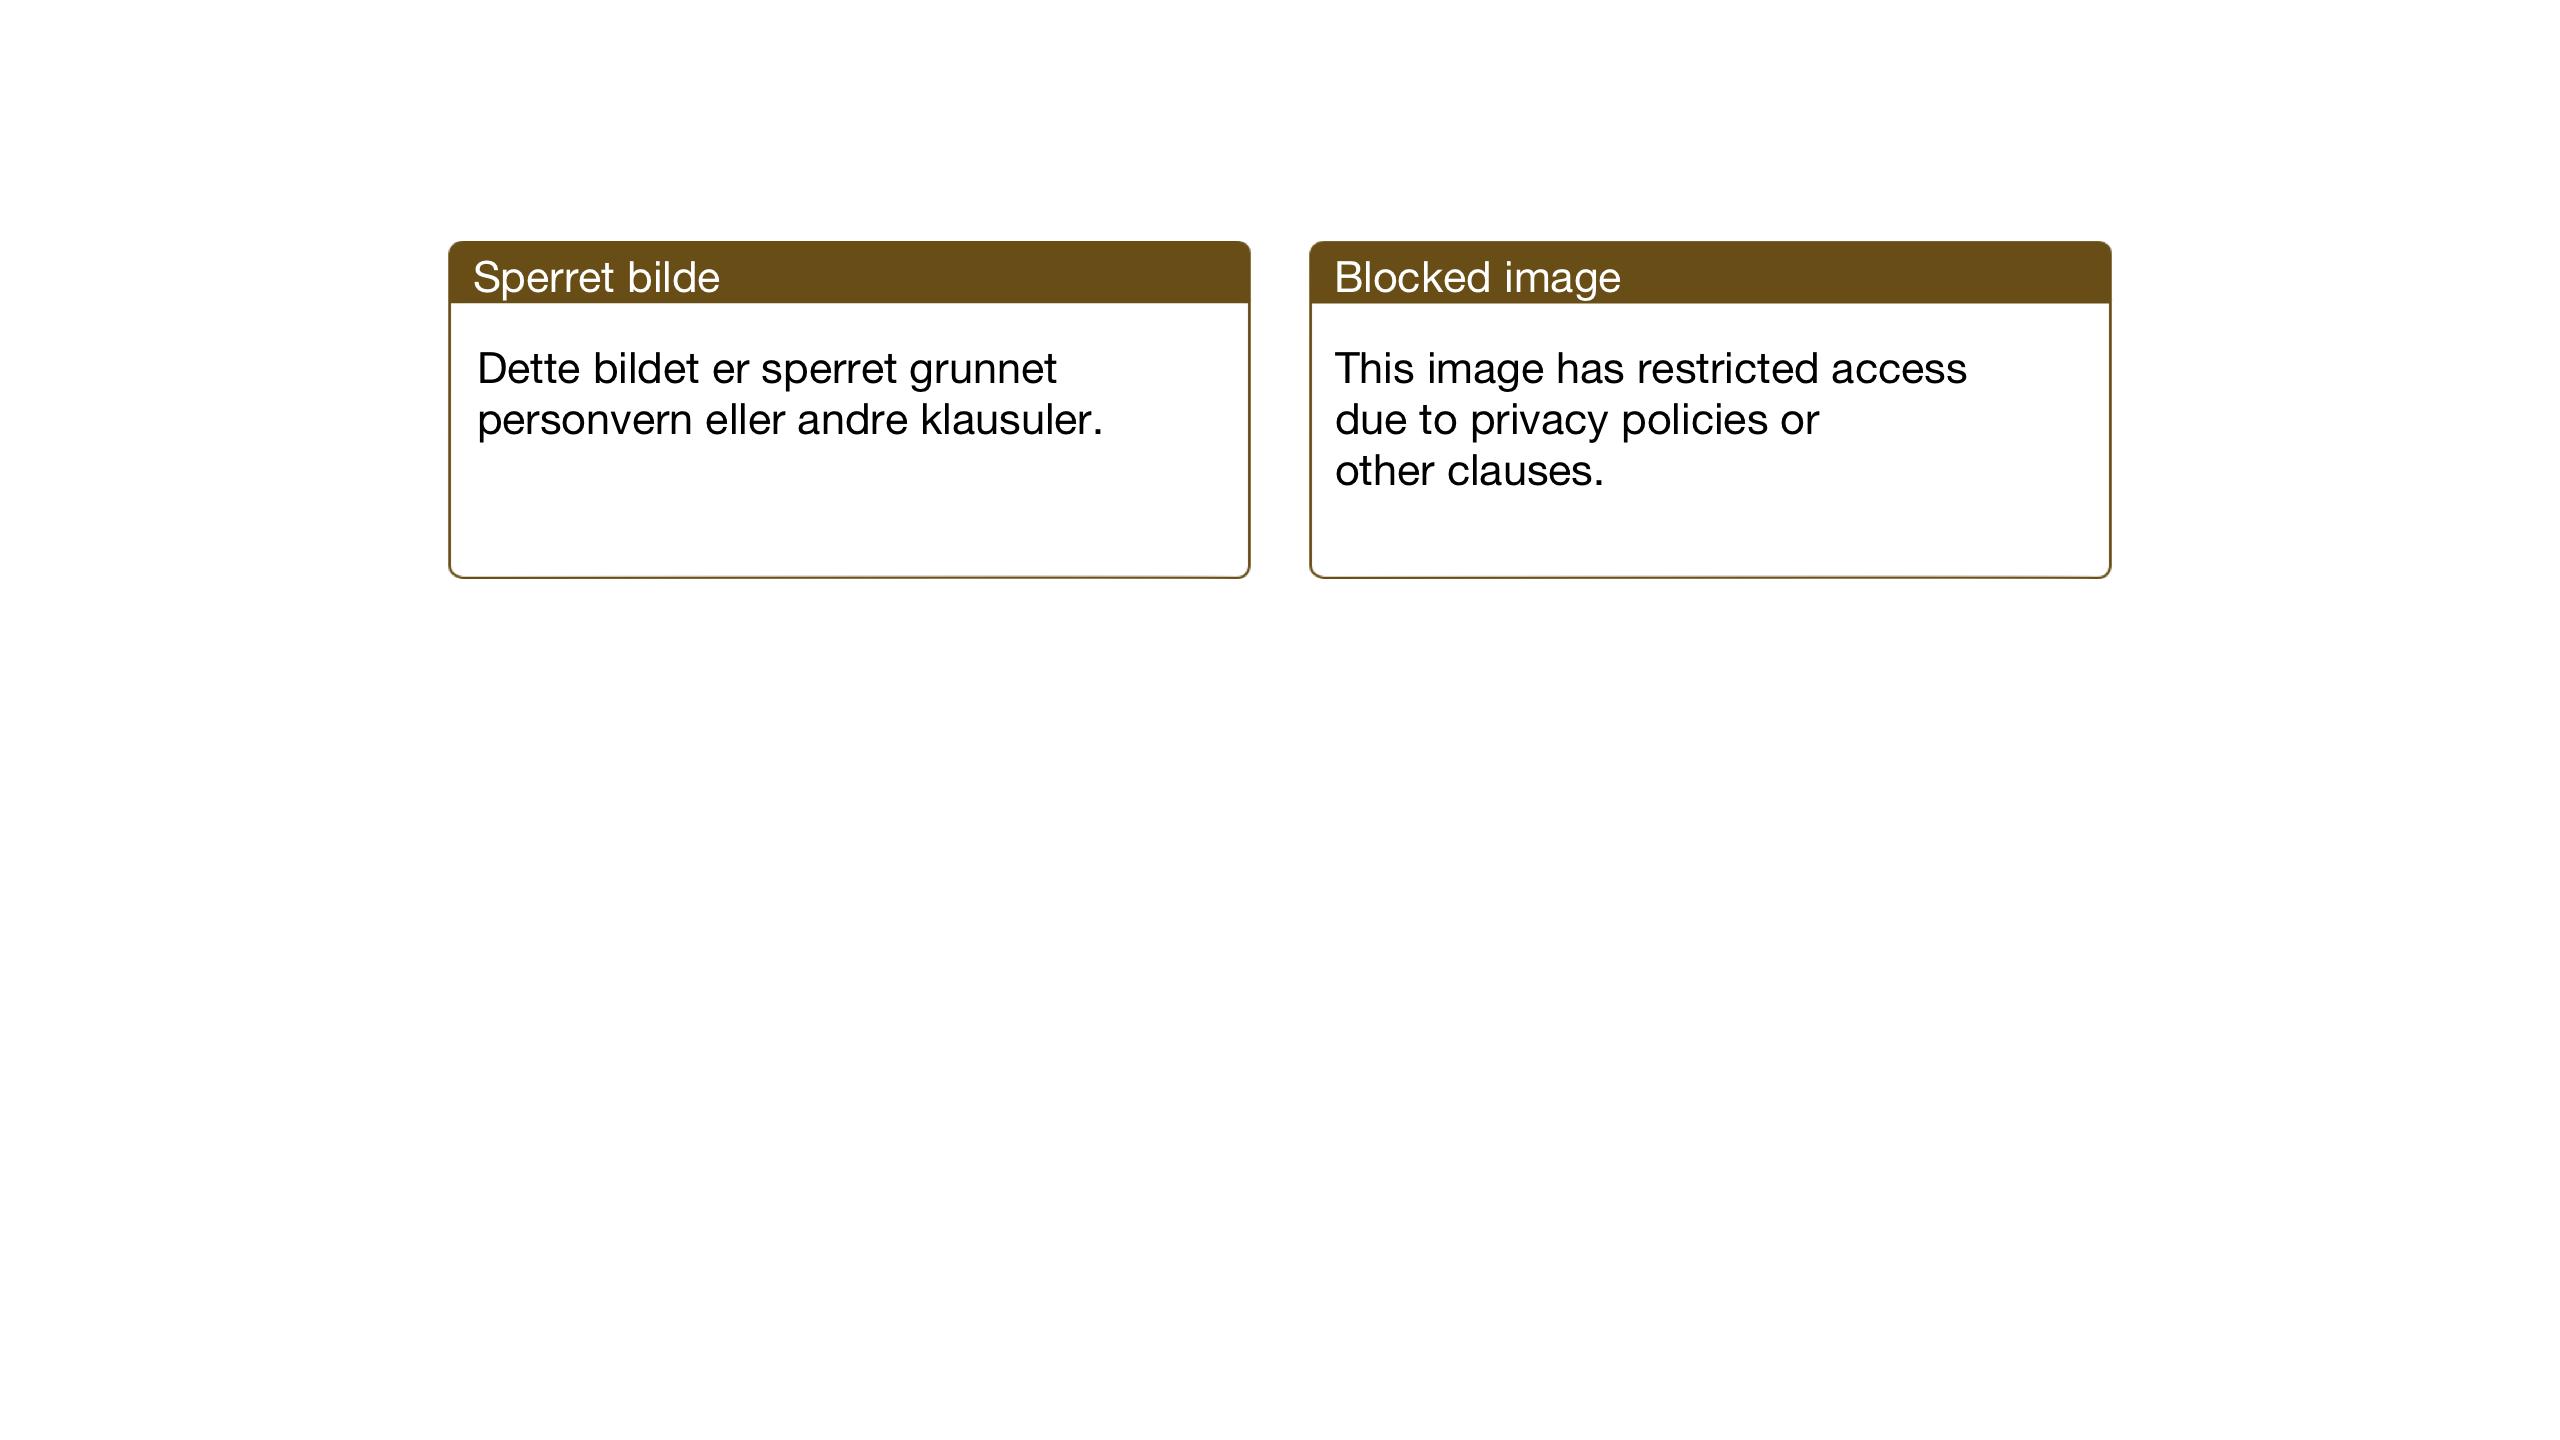 SAT, Ministerialprotokoller, klokkerbøker og fødselsregistre - Sør-Trøndelag, 696/L1161: Klokkerbok nr. 696C01, 1902-1950, s. 67